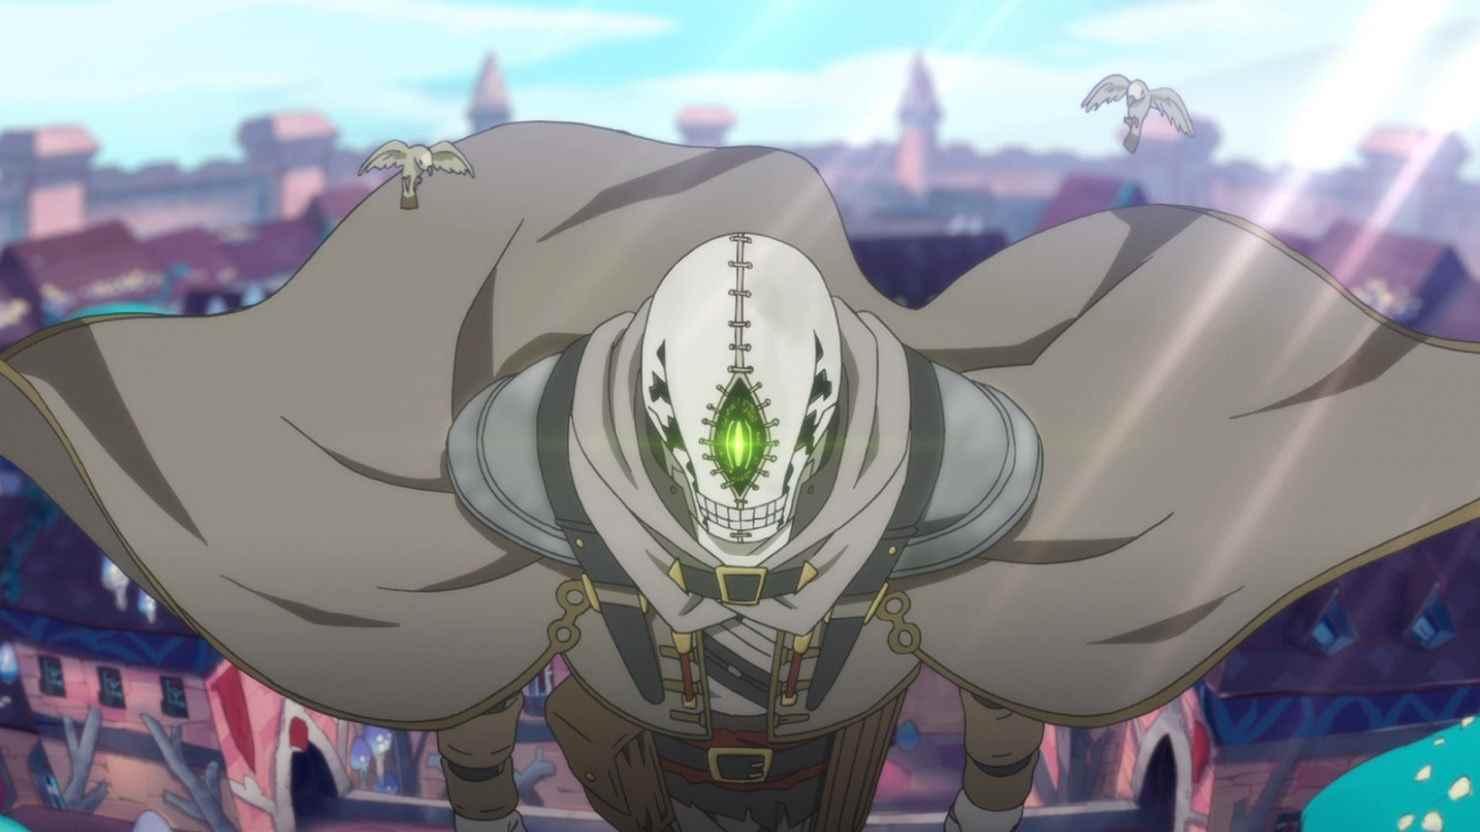 Картинки самый популярный аниме персонаж 04